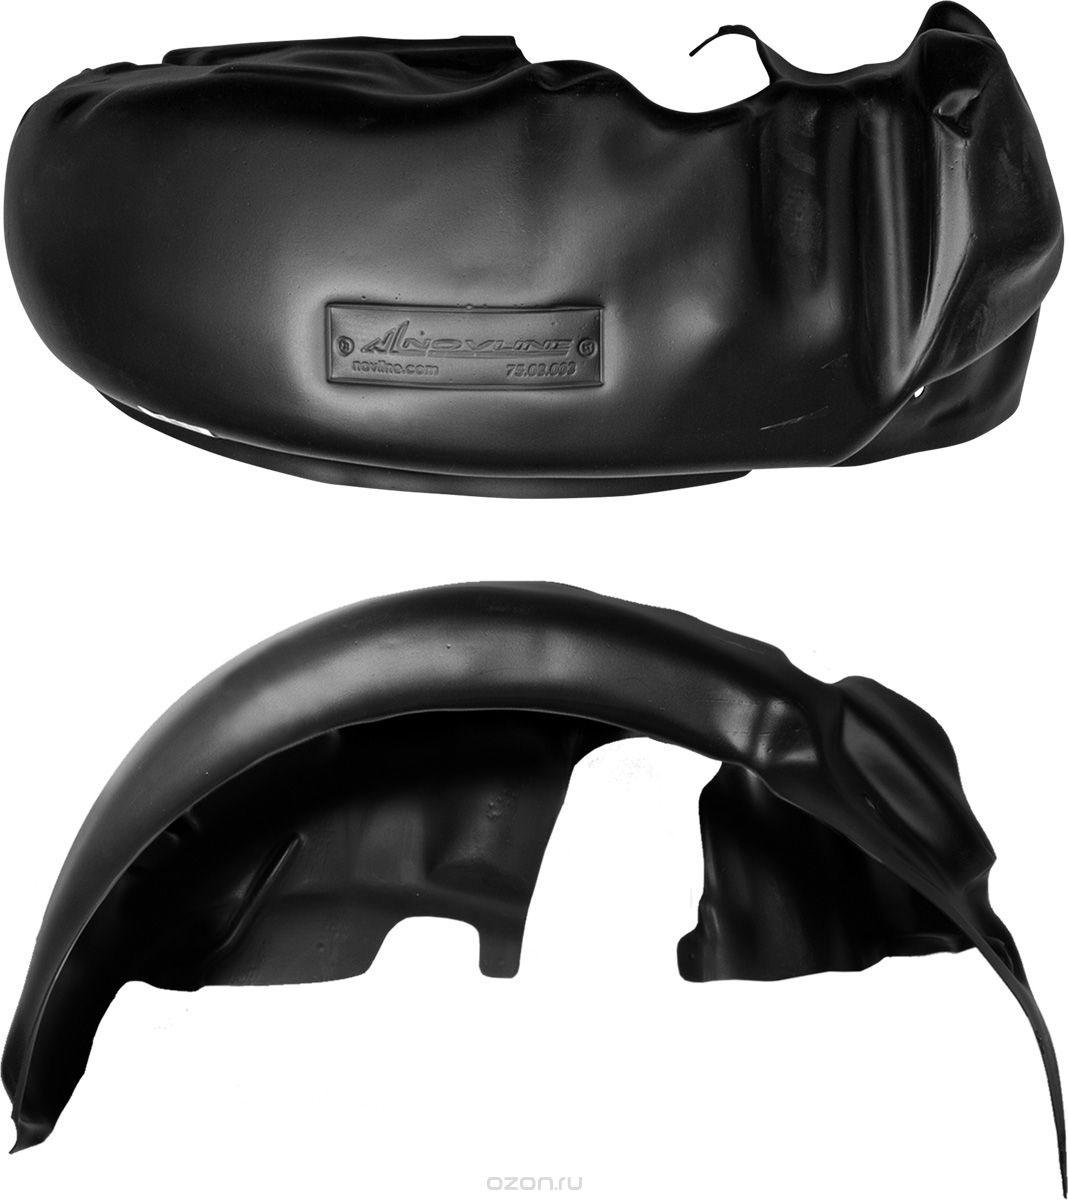 Подкрылок Novline-Autofamily, для Toyota Auris, 2012 ->, задний правыйNLL.48.54.003Идеальная защита колесной ниши. Локеры разработаны с применением цифровых технологий, гарантируют максимальную повторяемость поверхности арки. Изделия устанавливаются без нарушения лакокрасочного покрытия автомобиля, каждый подкрылок комплектуется крепежом. Уважаемые клиенты, обращаем ваше внимание, что фотографии на подкрылки универсальные и не отражают реальную форму изделия. При этом само изделие идет точно под размер указанного автомобиля.